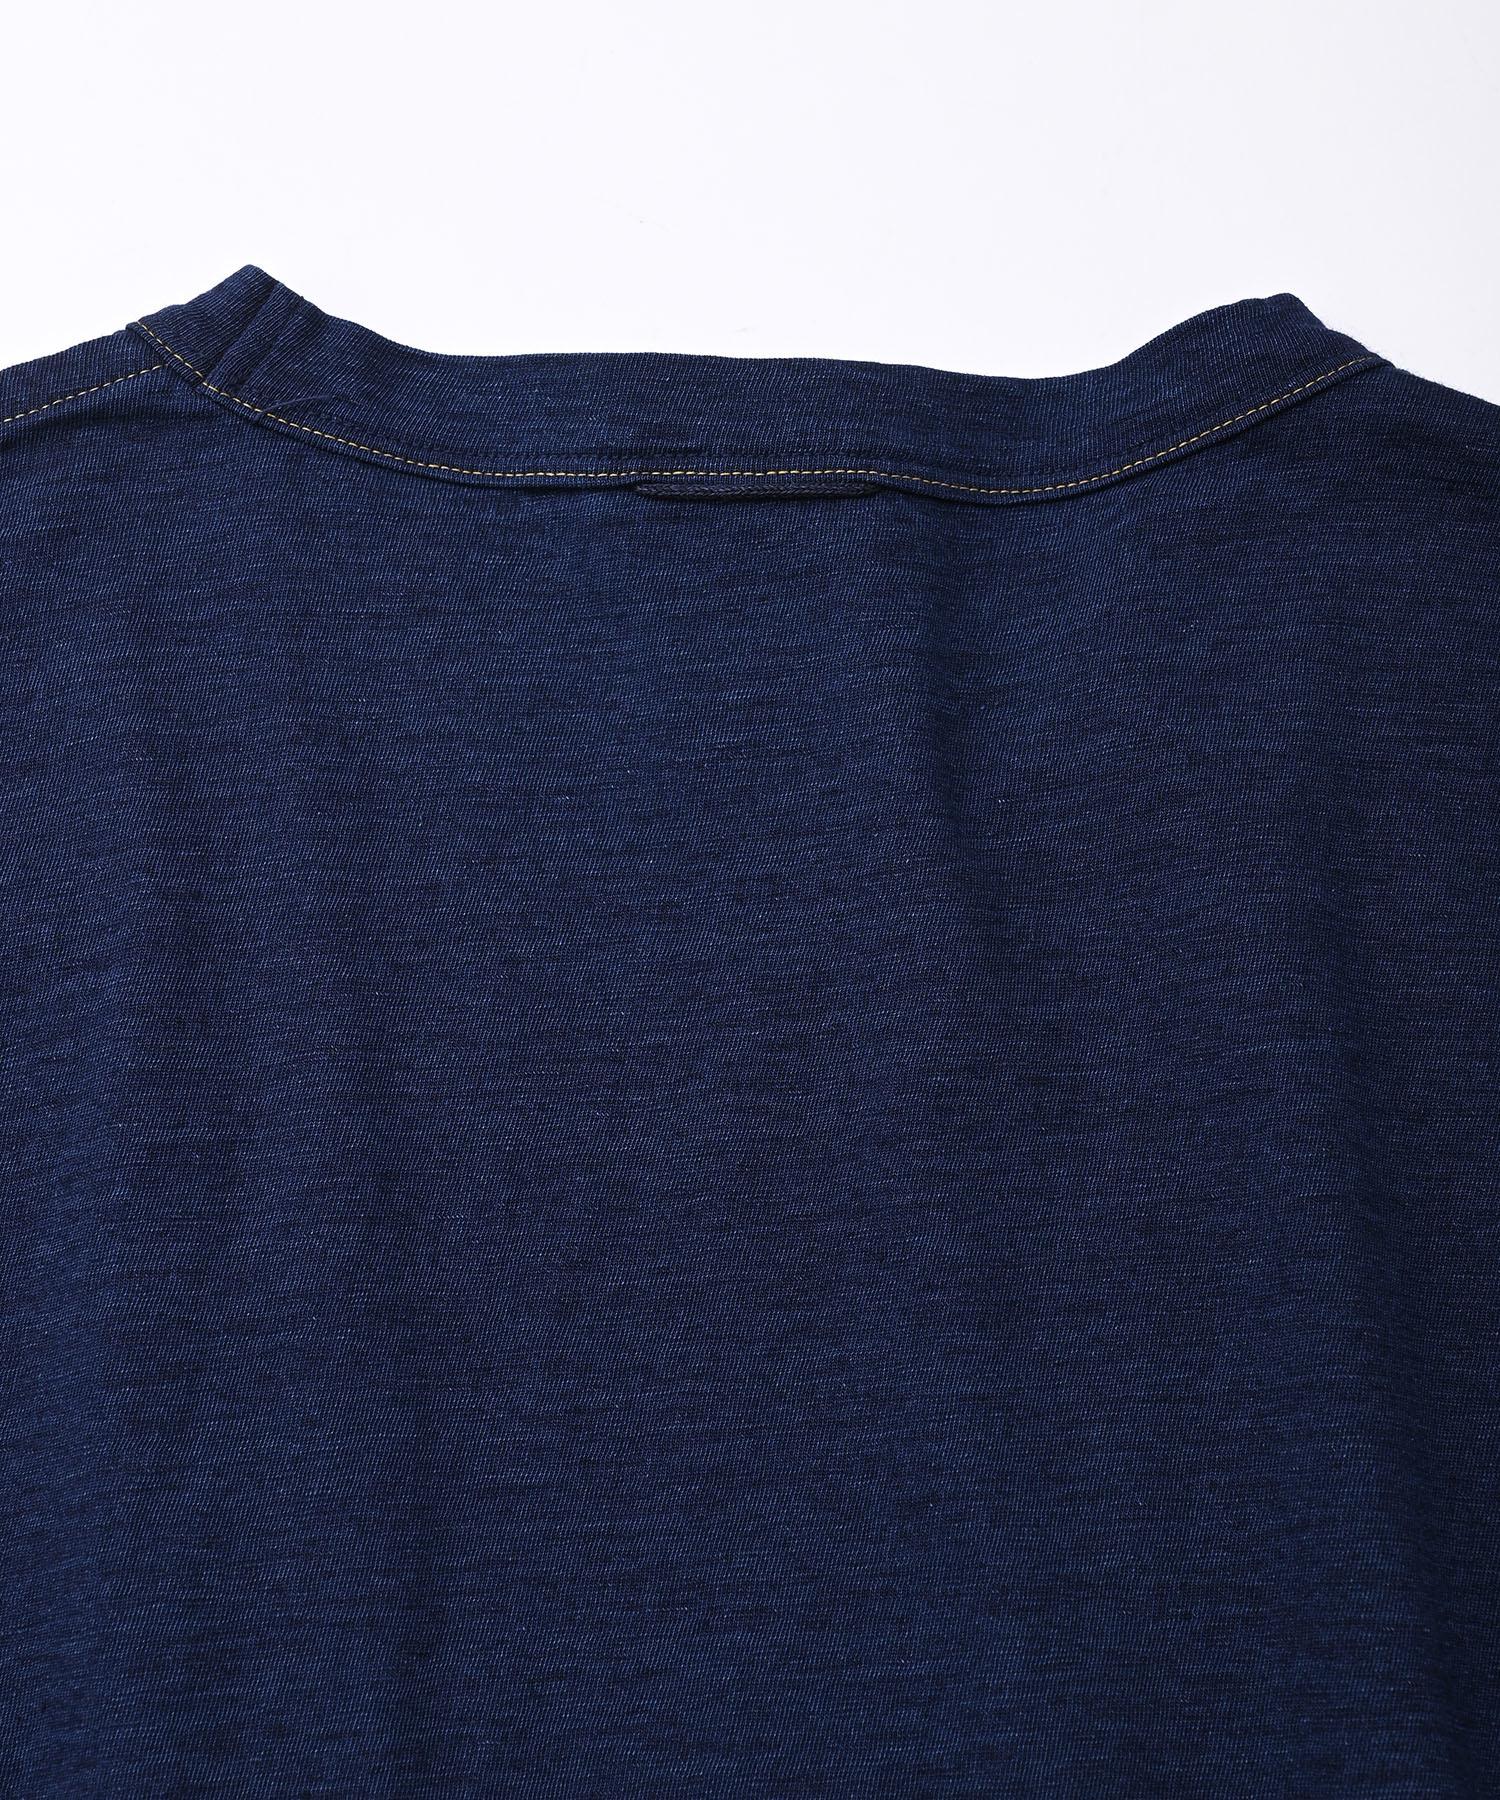 Indigo Zimbabwe Cotton Umahiko Dress (0421)-6